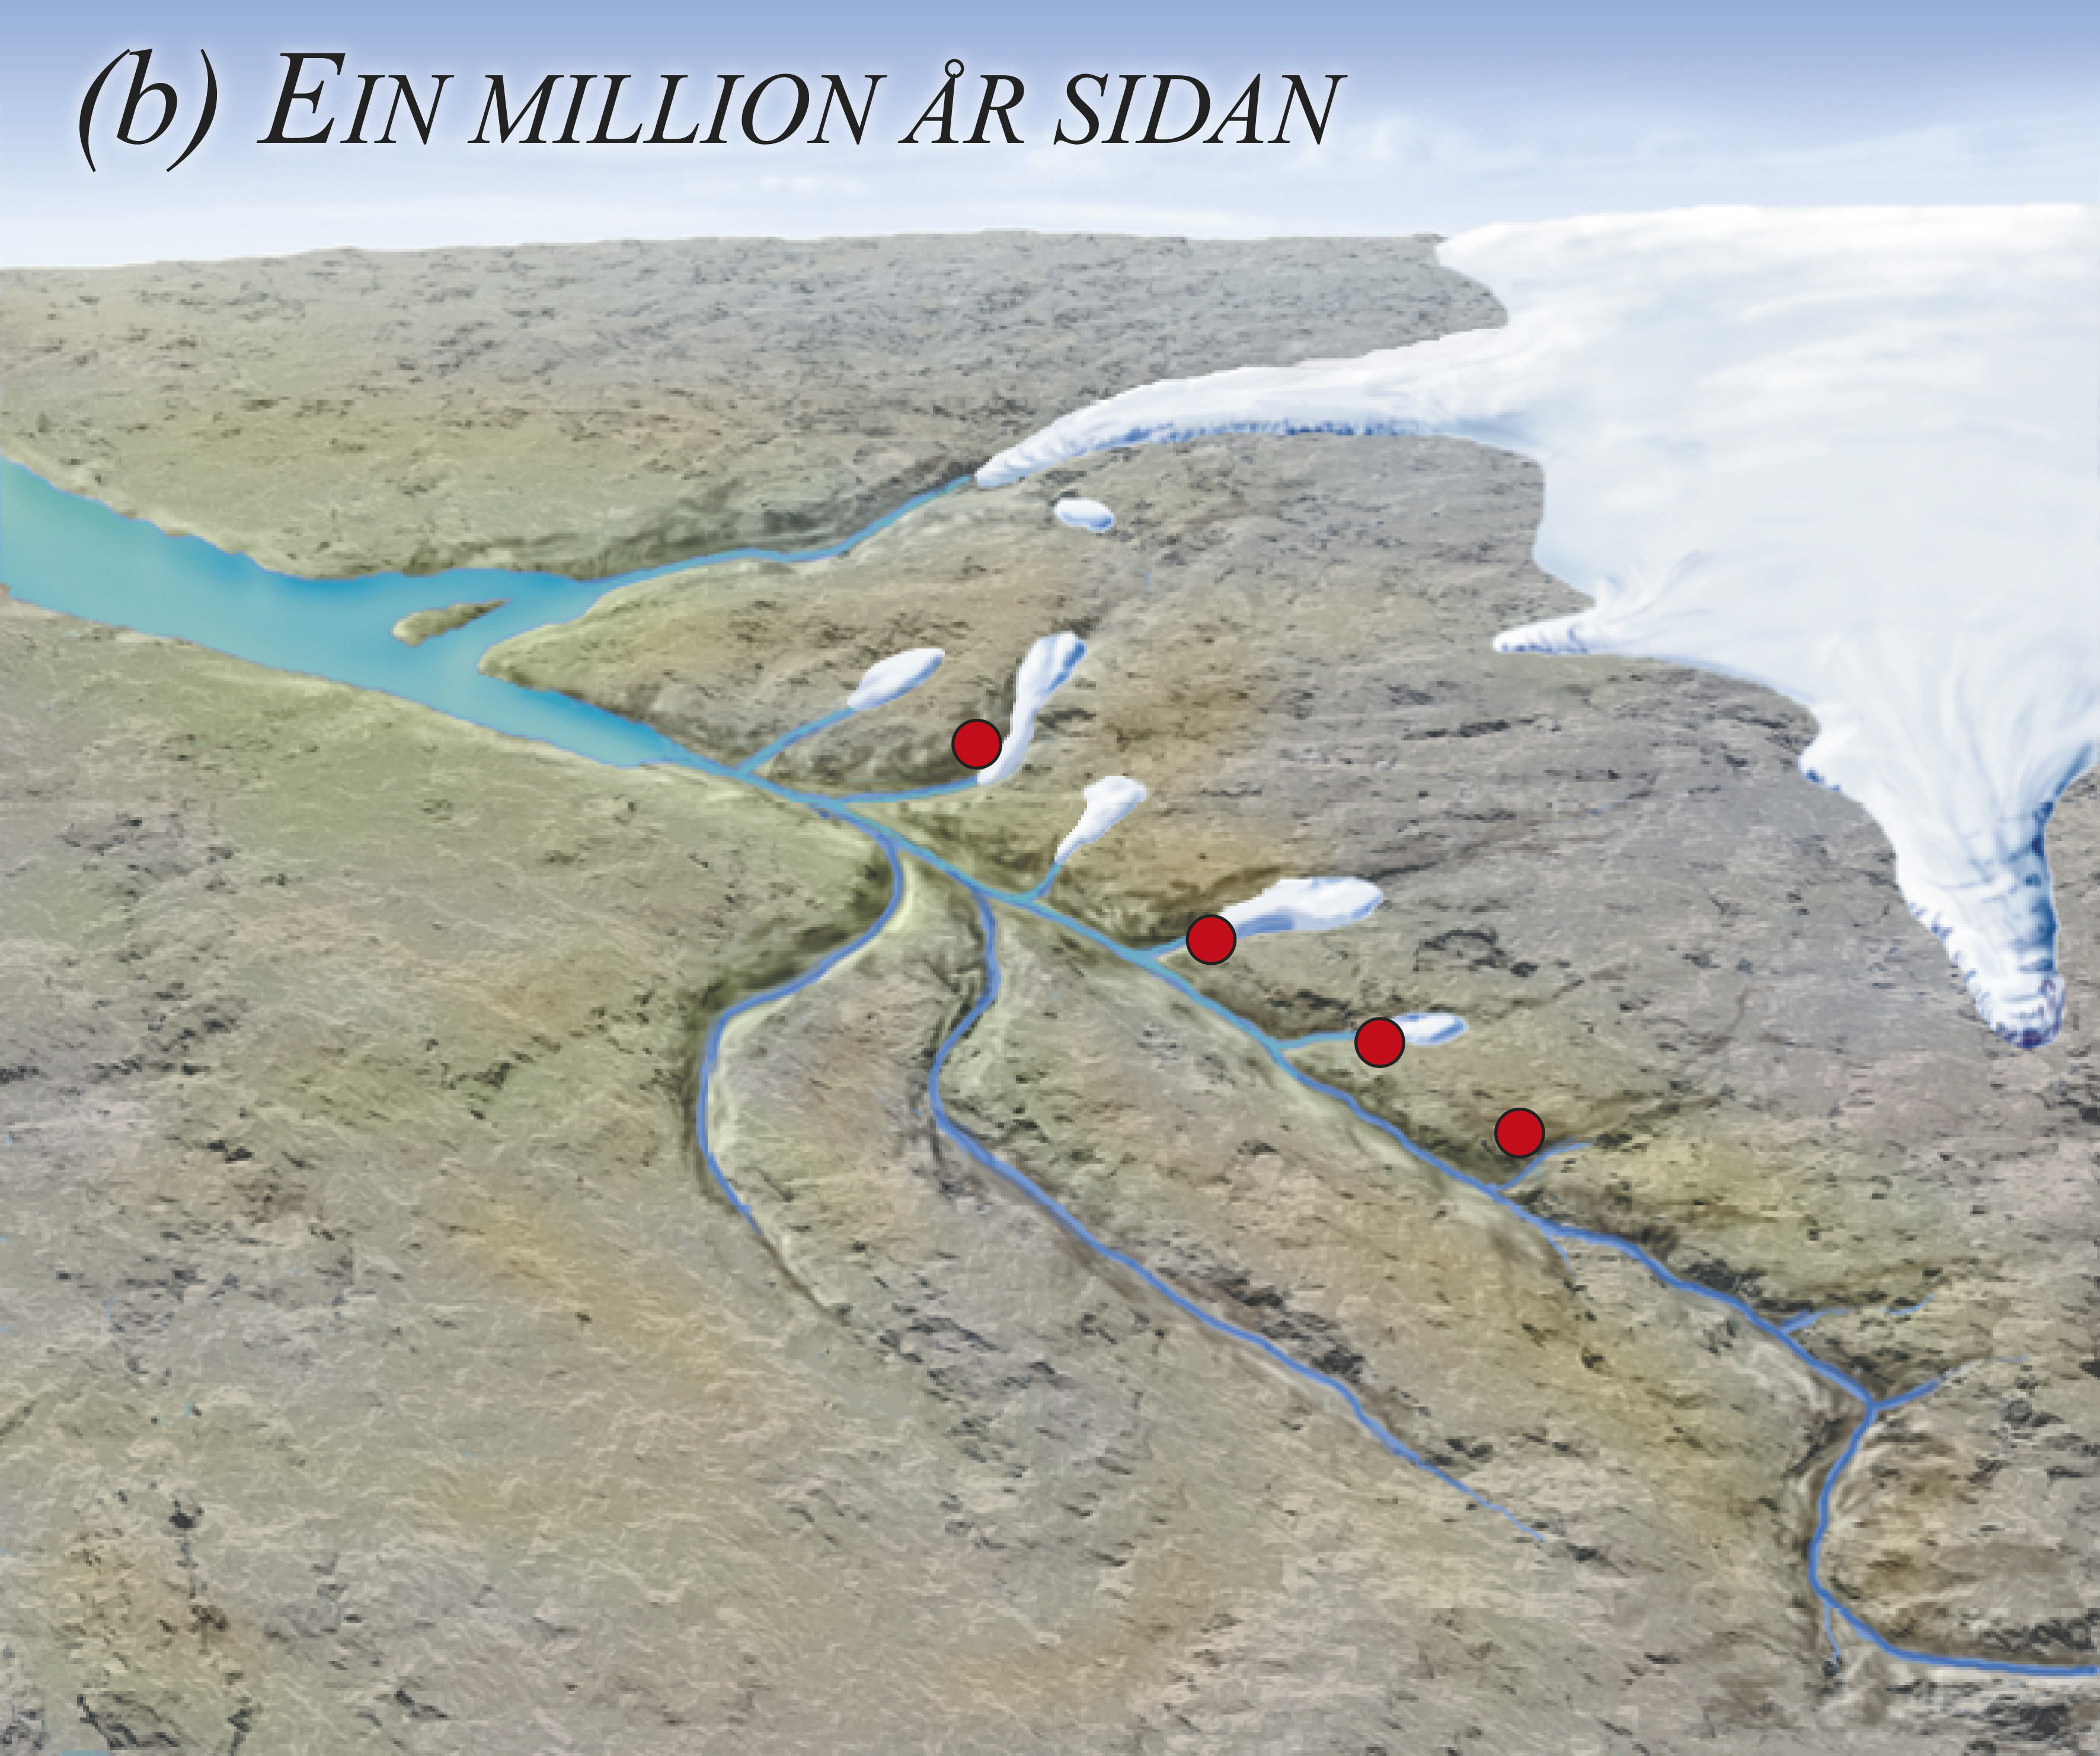 Når breen så smelta attende, følgde sjøen etter, innover den oppskura fjellgrunnen. Slik vart dei første små fjordane danna der det før var dalar.